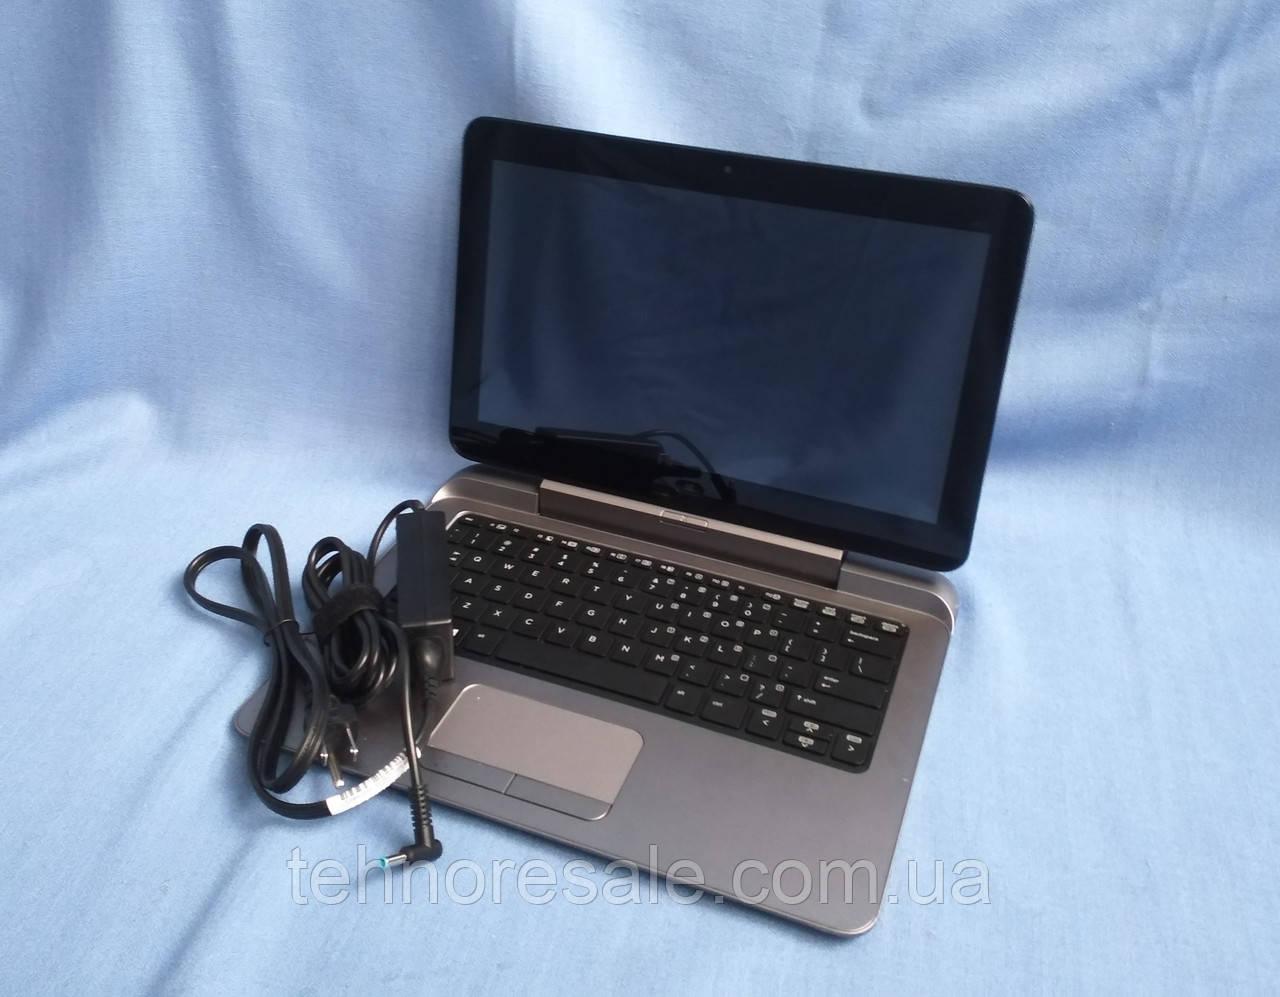 Планшет HP Pro x2 612 G1, 12,5'', 4/256Gb, 3G + Wi-fi, клавиатура, новые батареи, Windows 10 pro